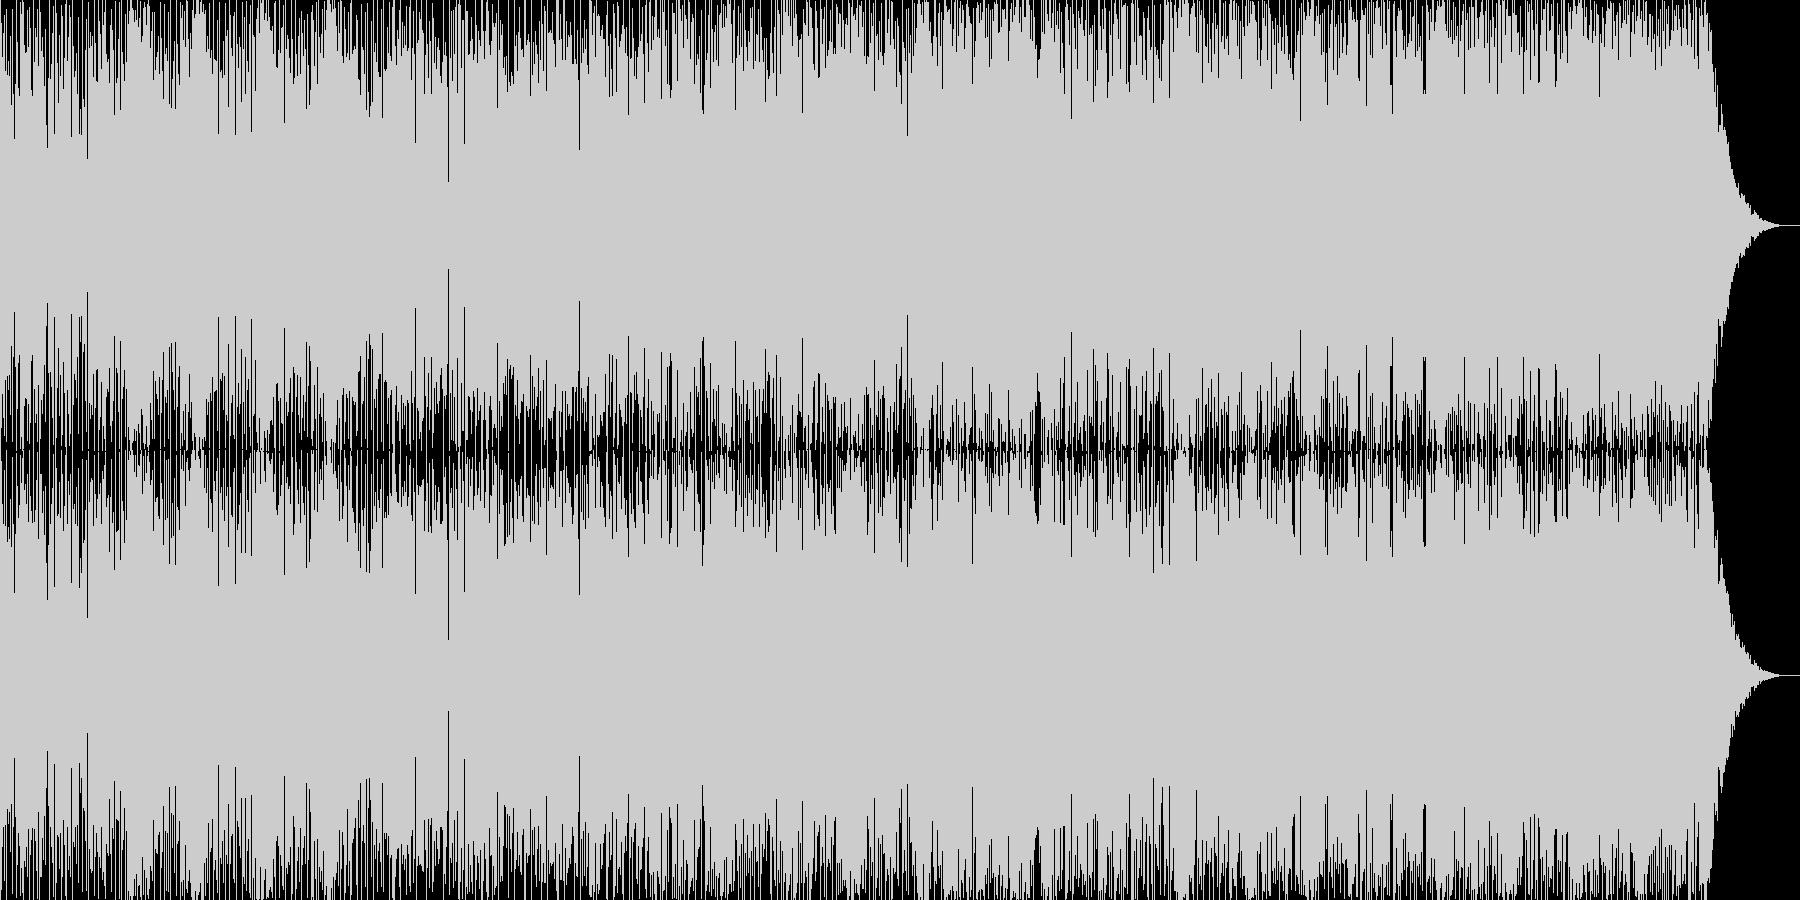 ミドルテンポのAOR的なファンクの未再生の波形